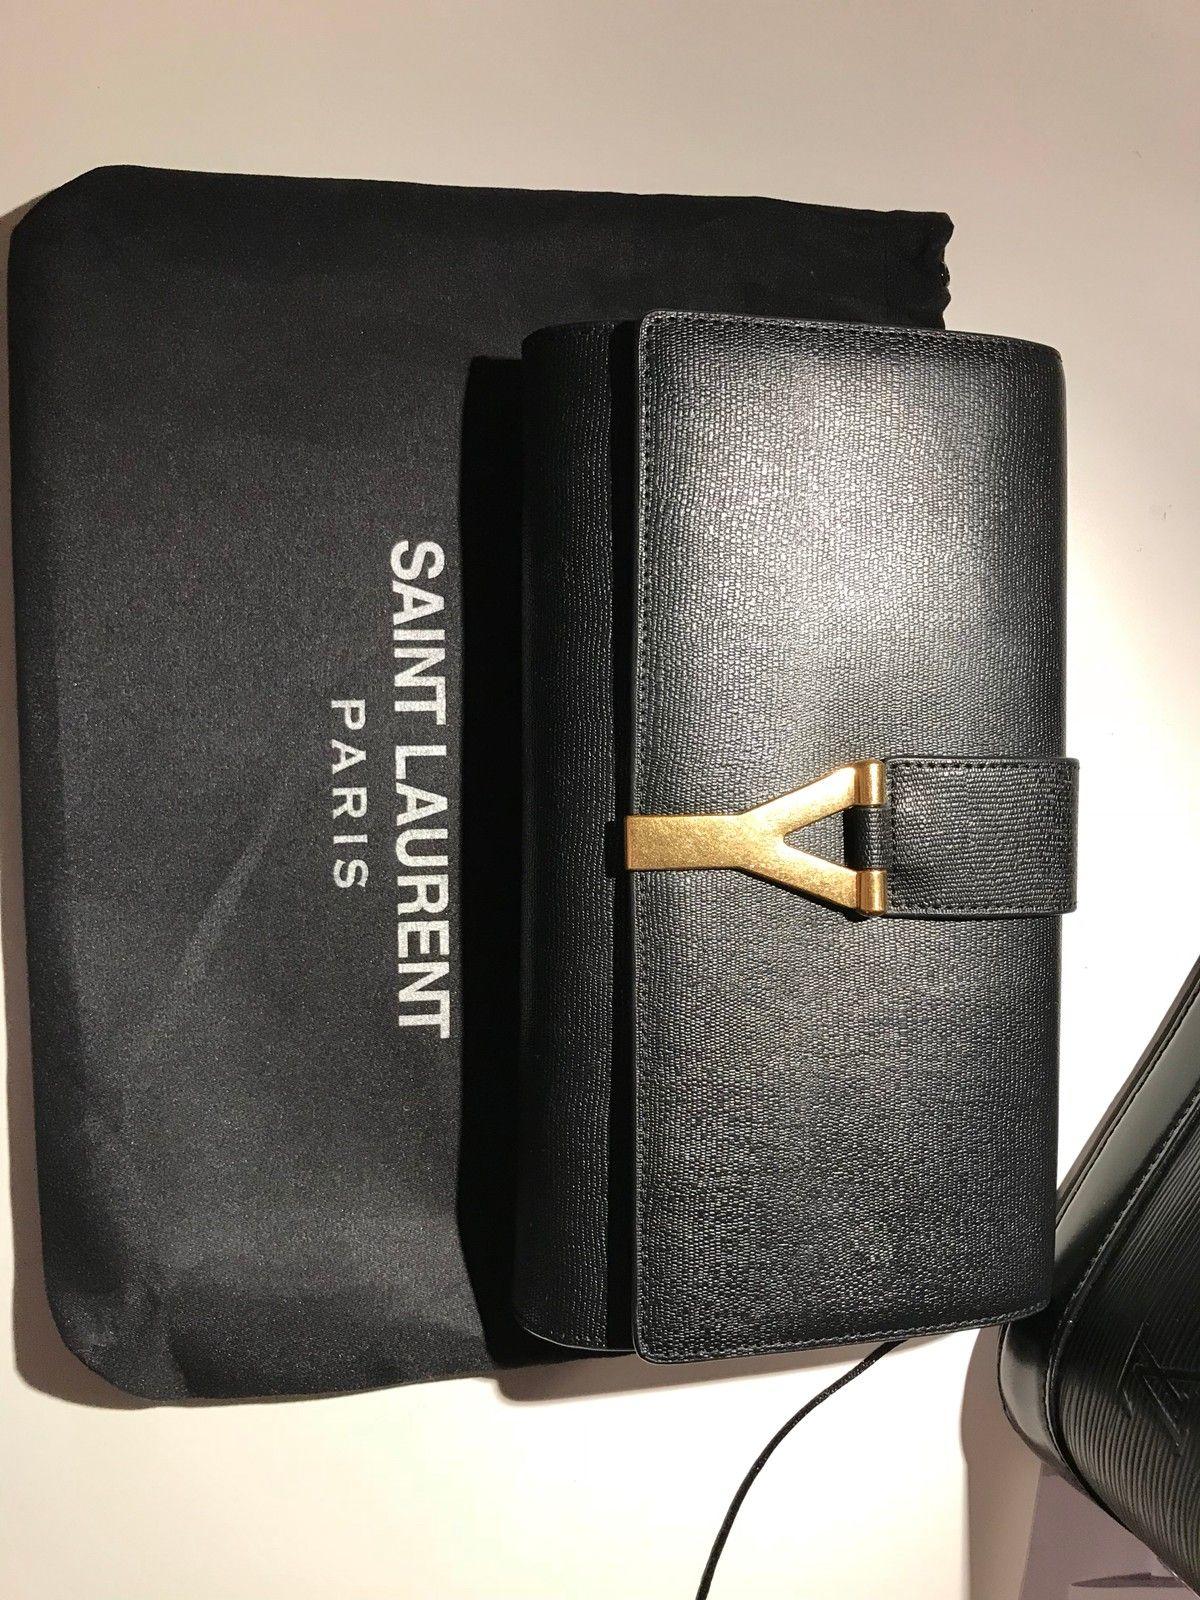 YSL Y Clutch svart som ny - Oslo  - Selger min nydelige, klassiske clutch i svart skinn med gullfarget hardware fra YSL. Den har en lomme på innsiden, foret er laget av silke og den lukkes med magnetknapp. Clutchen er bare brukt tre ganger på ball og tilstanden er som omtrent ny.  - Oslo